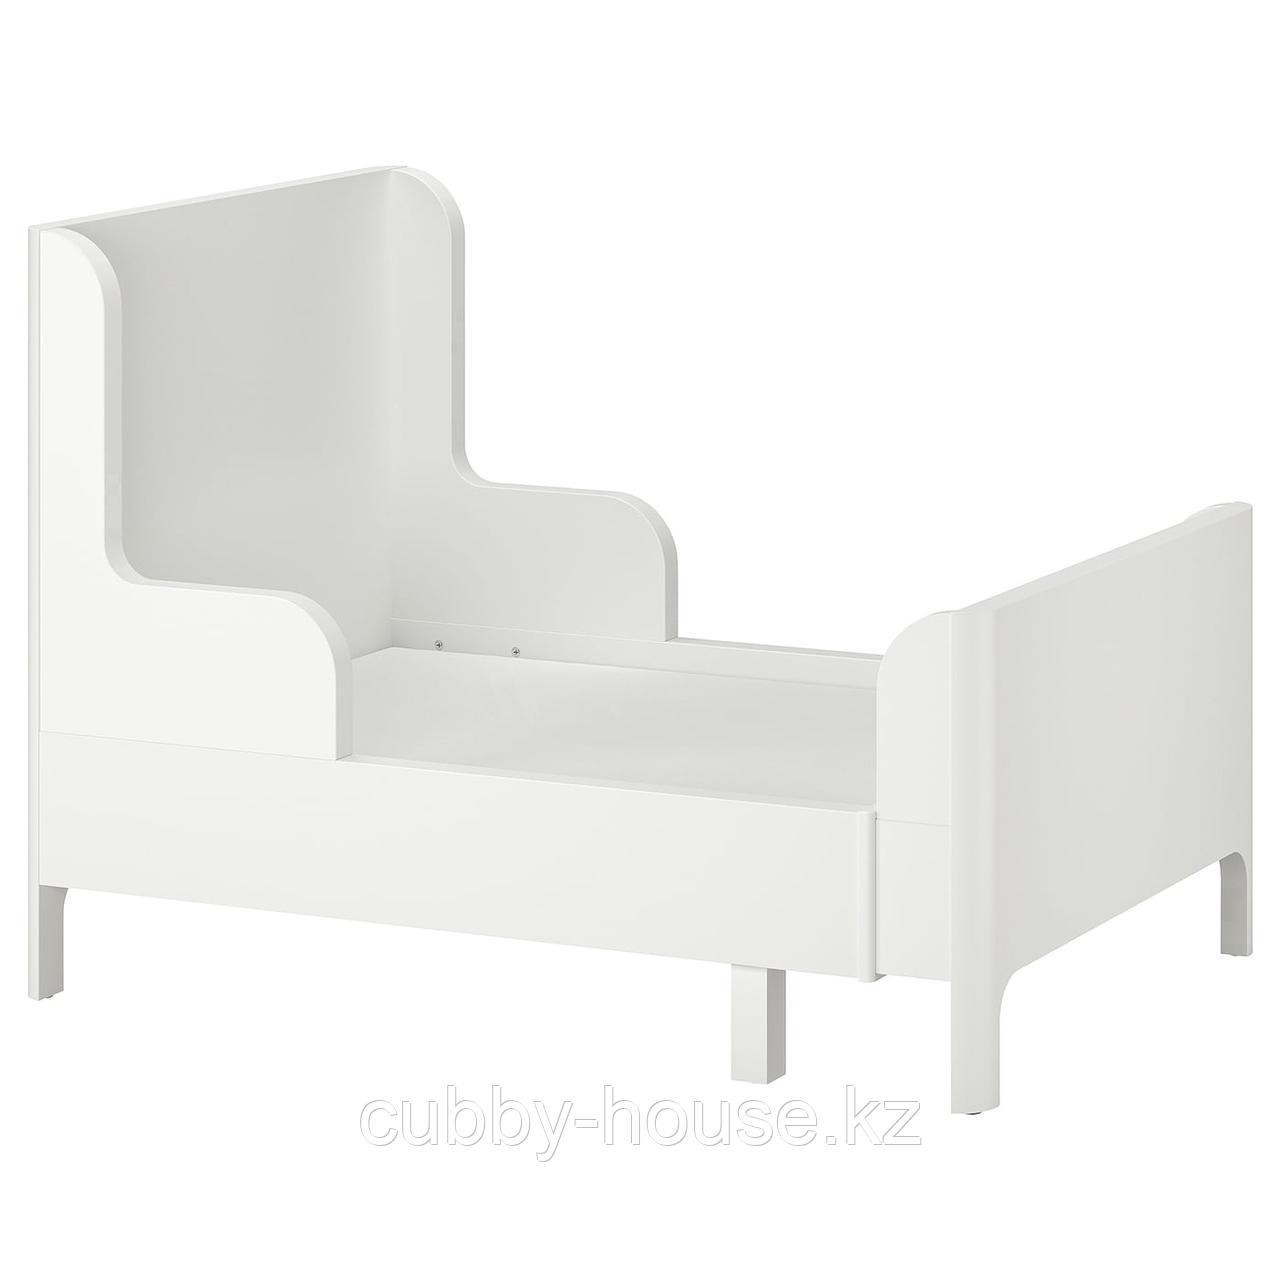 БУСУНГЕ Раздвижная кровать, белый, 80x200 см